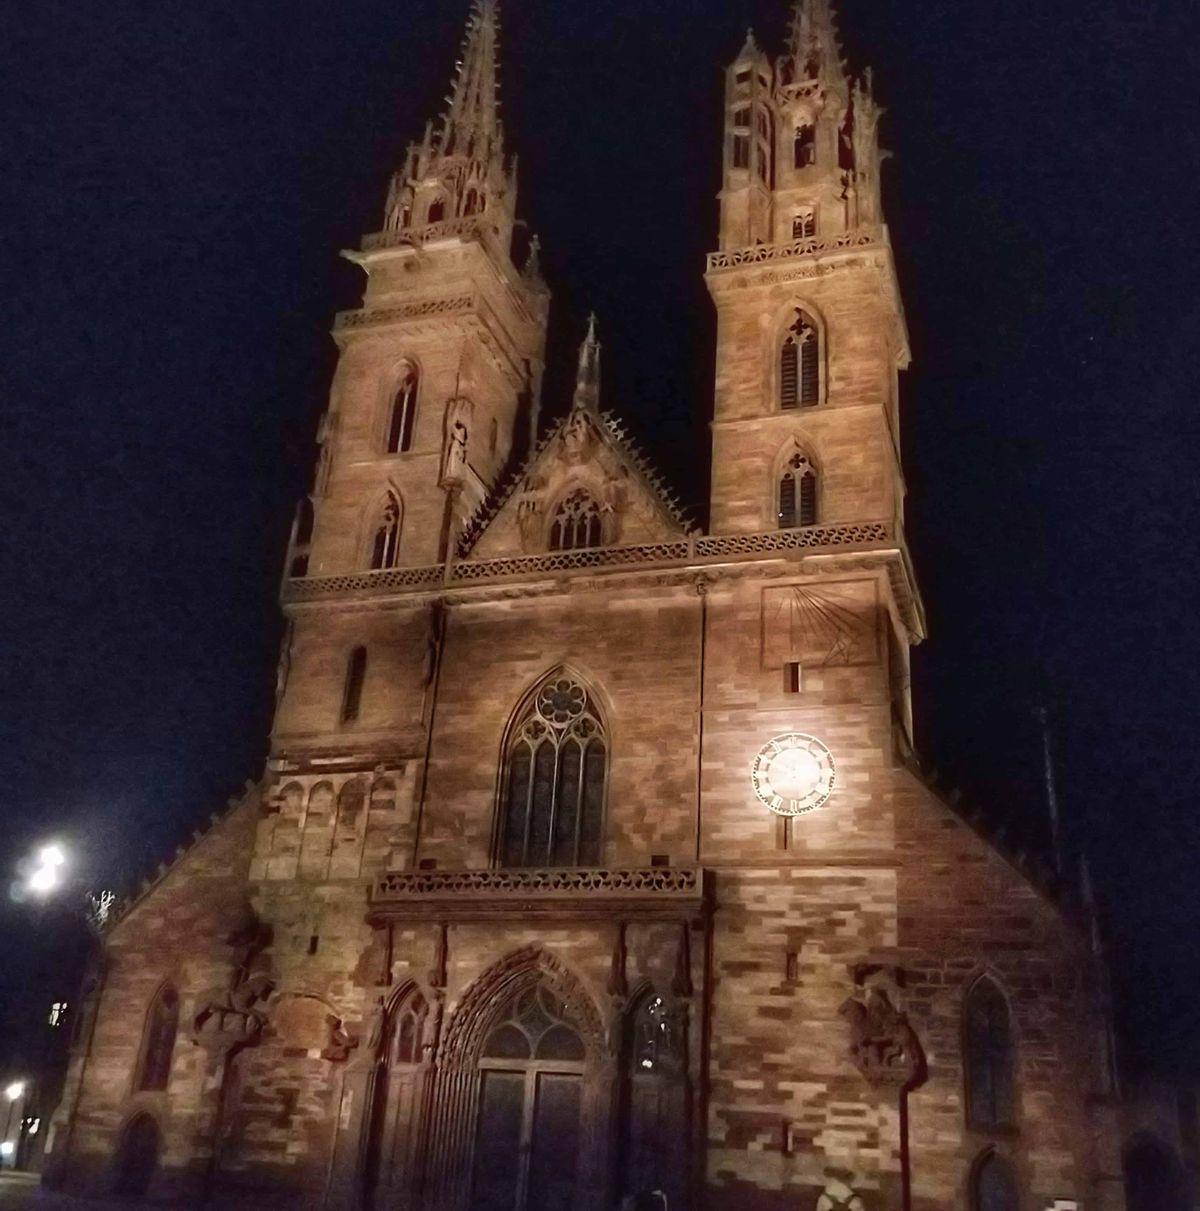 A Münster, azaz a bázeli székesegyház szintén egy kihagyhatatlan látnivaló